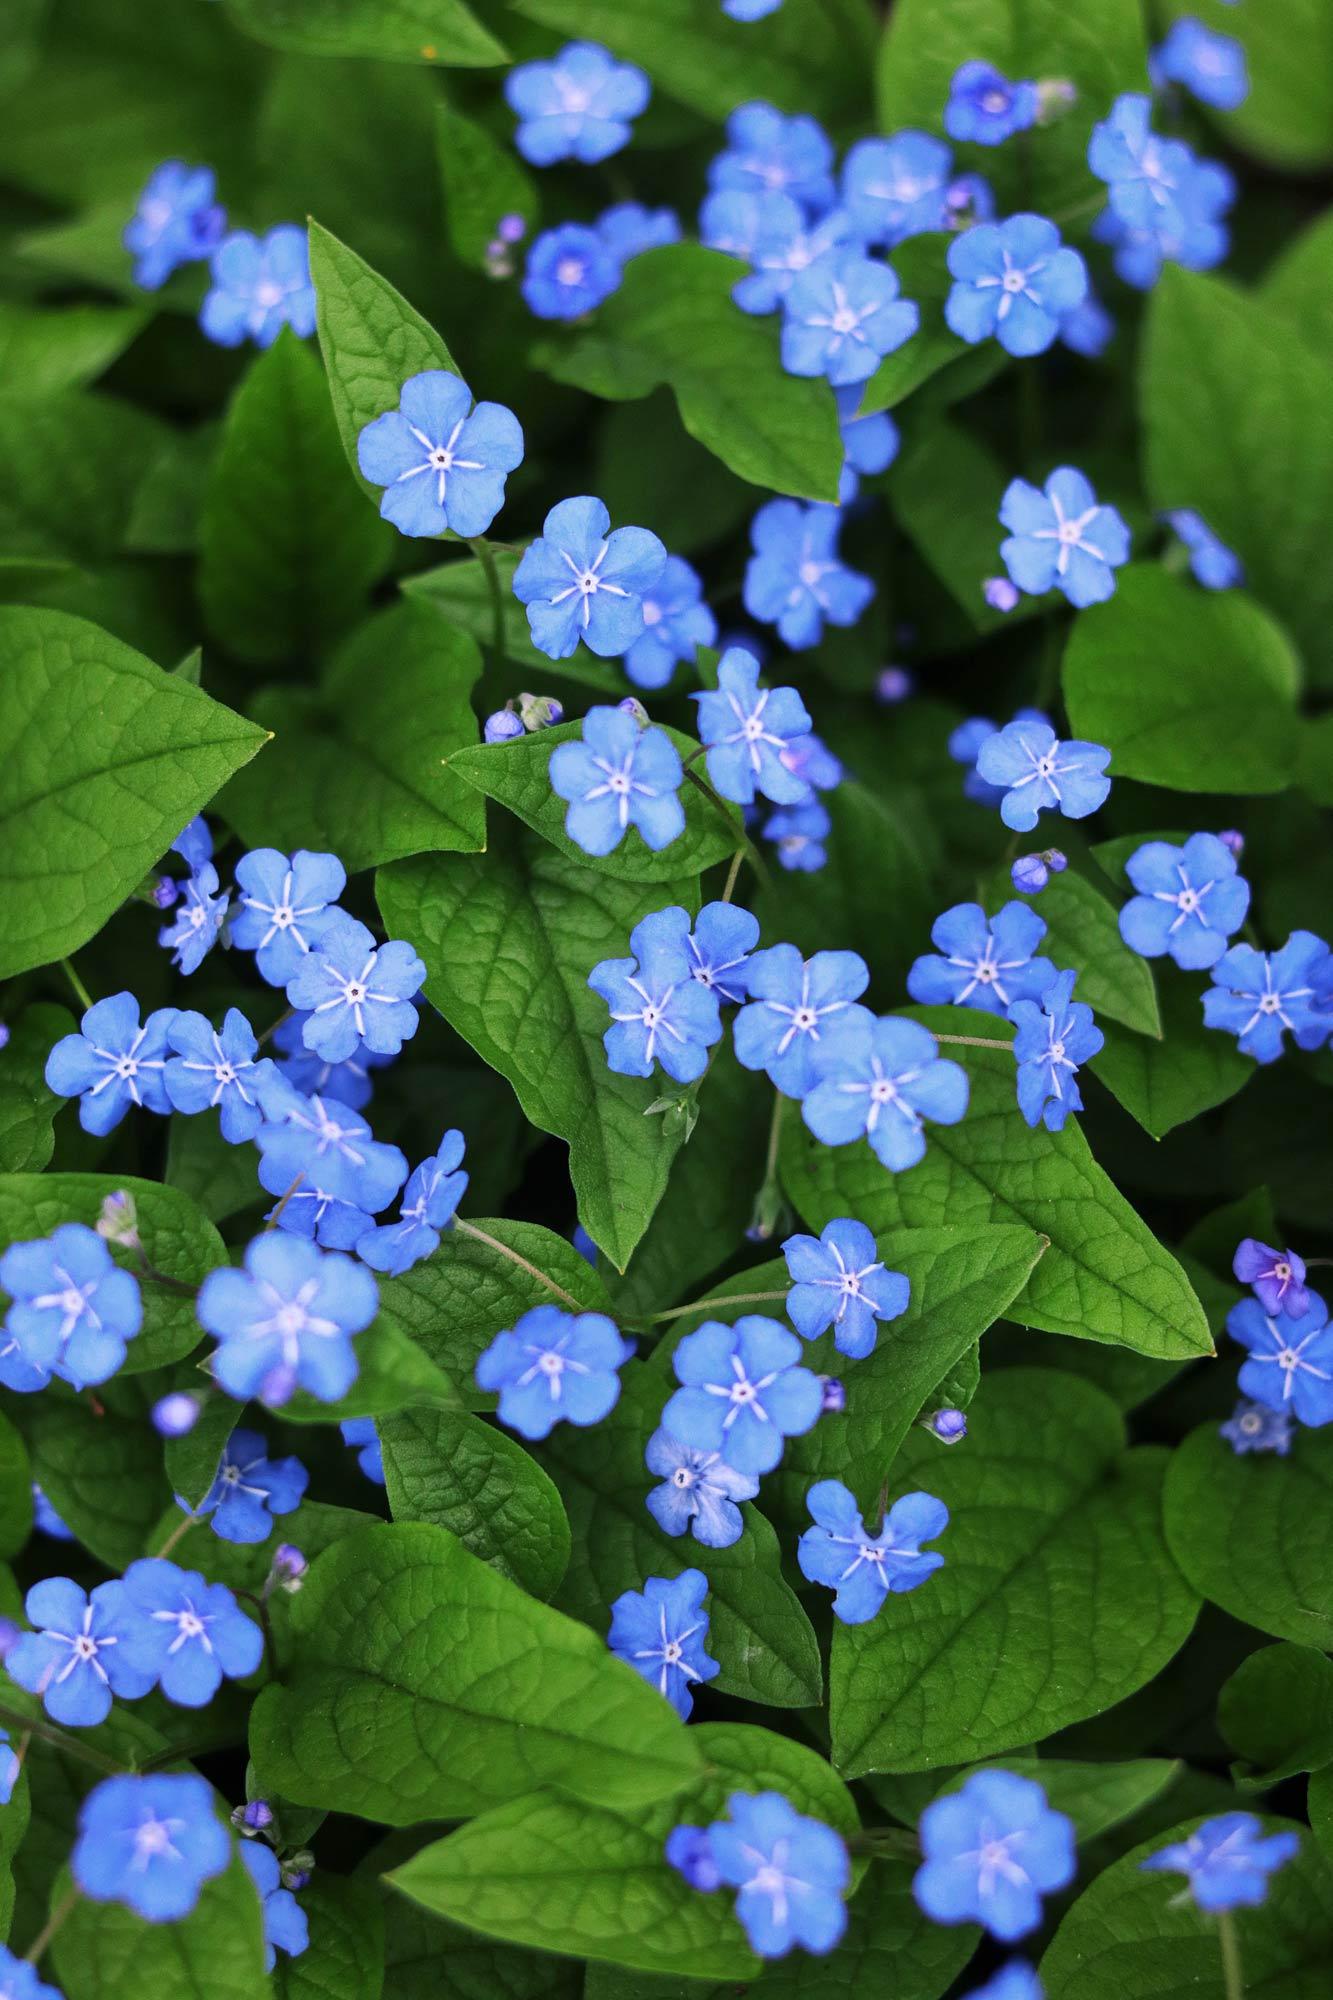 Blumenfotos Fruehling